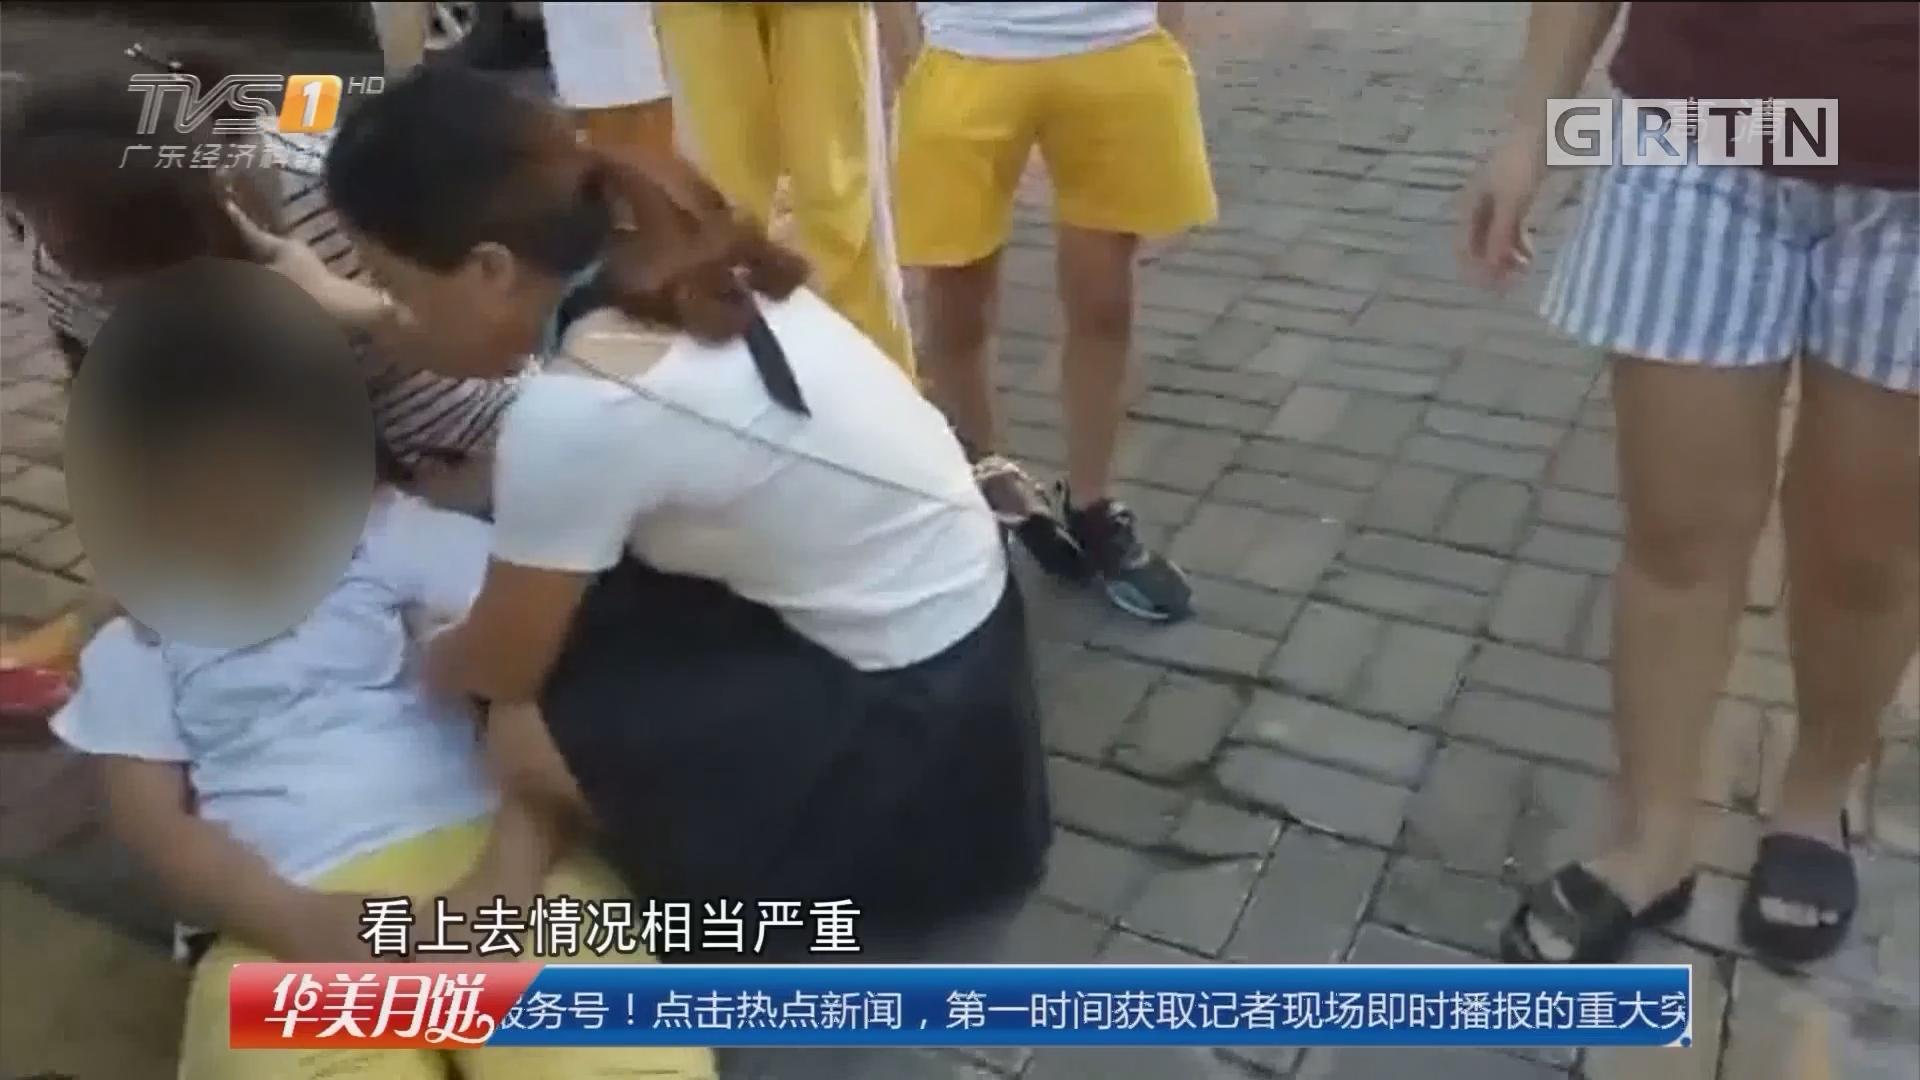 """系列专栏""""温度"""":佛山禅城 小学生放学路上晕倒 众人齐援救"""